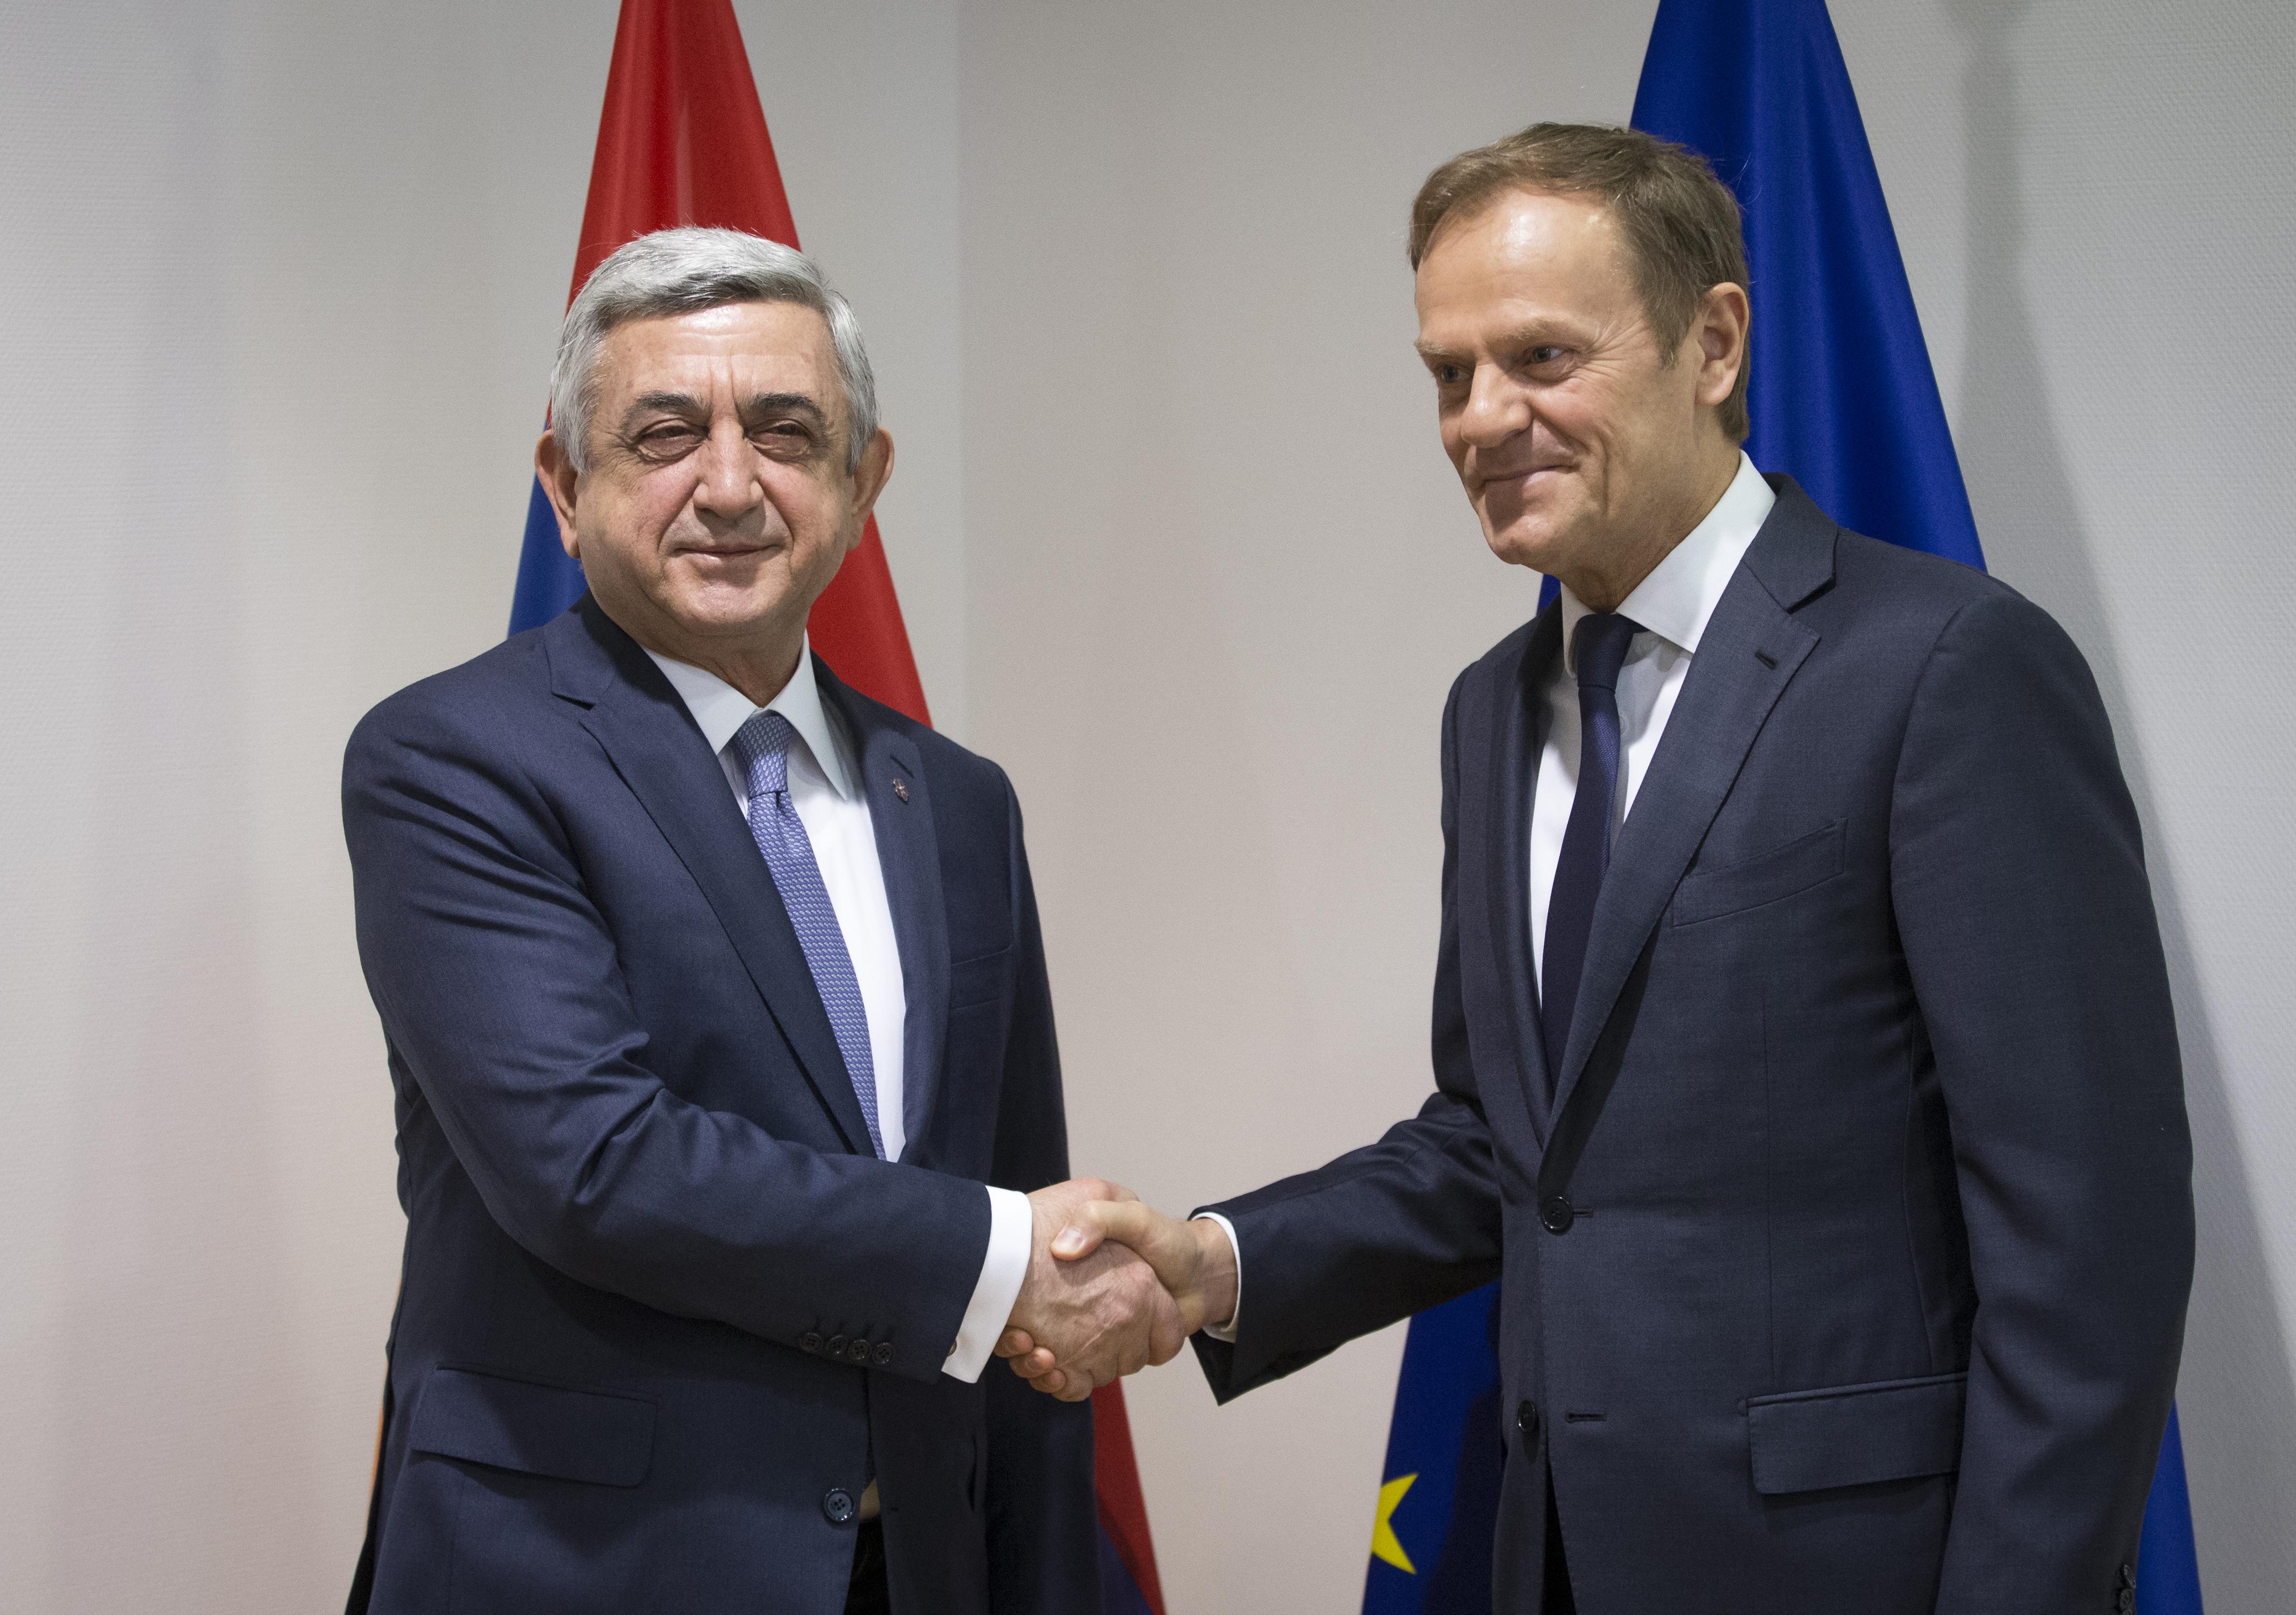 Президент Армении Серж Саргсян и председатель Европейского совета Дональд Туск. Фото: EPA